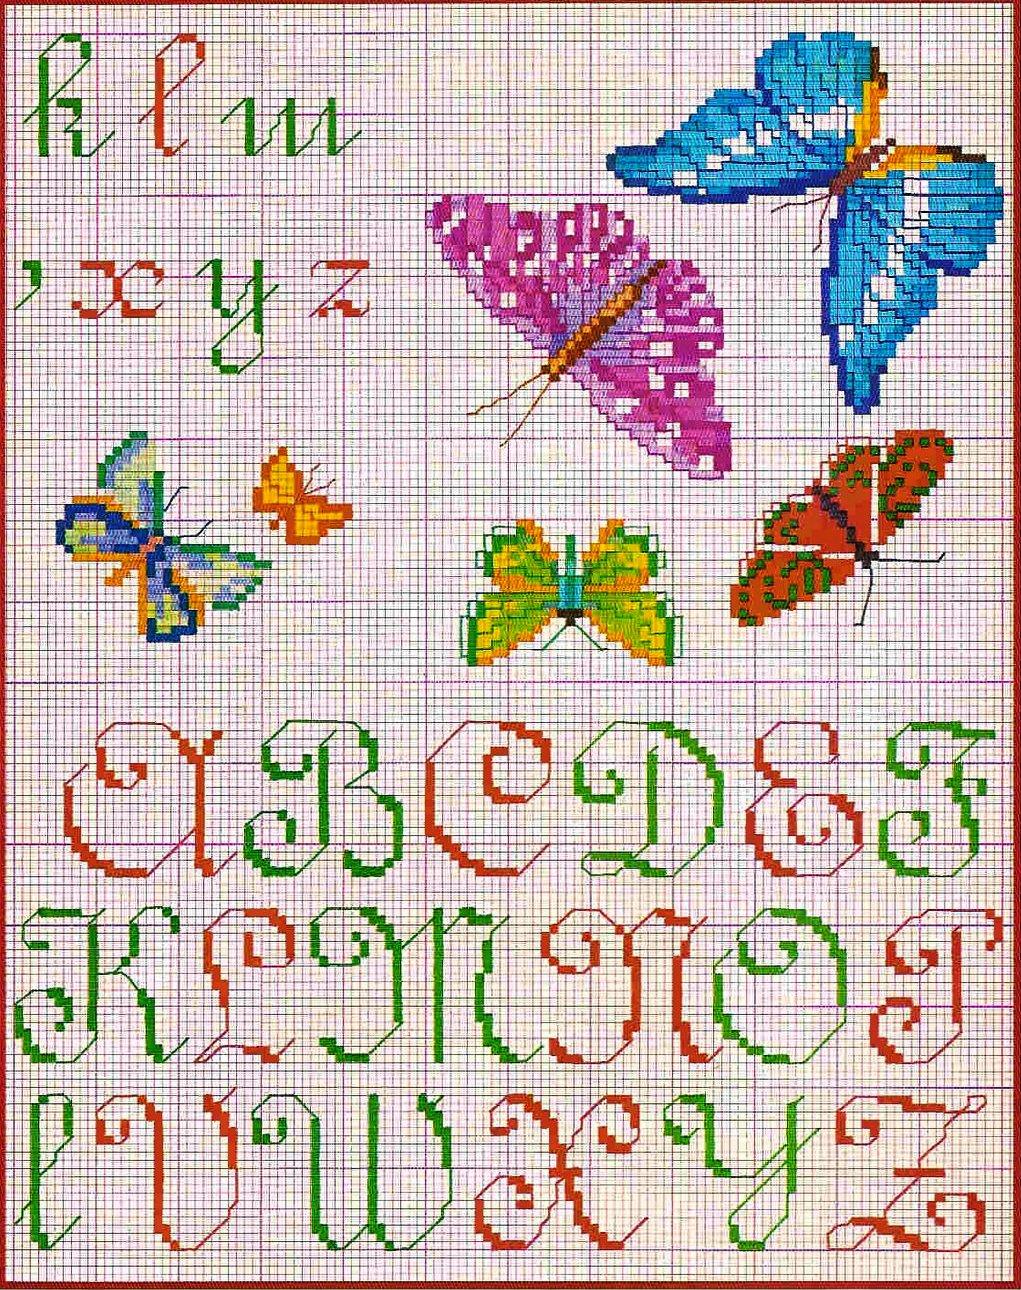 Схемы для вышивки цифр и букв русского алфавита крестом 96